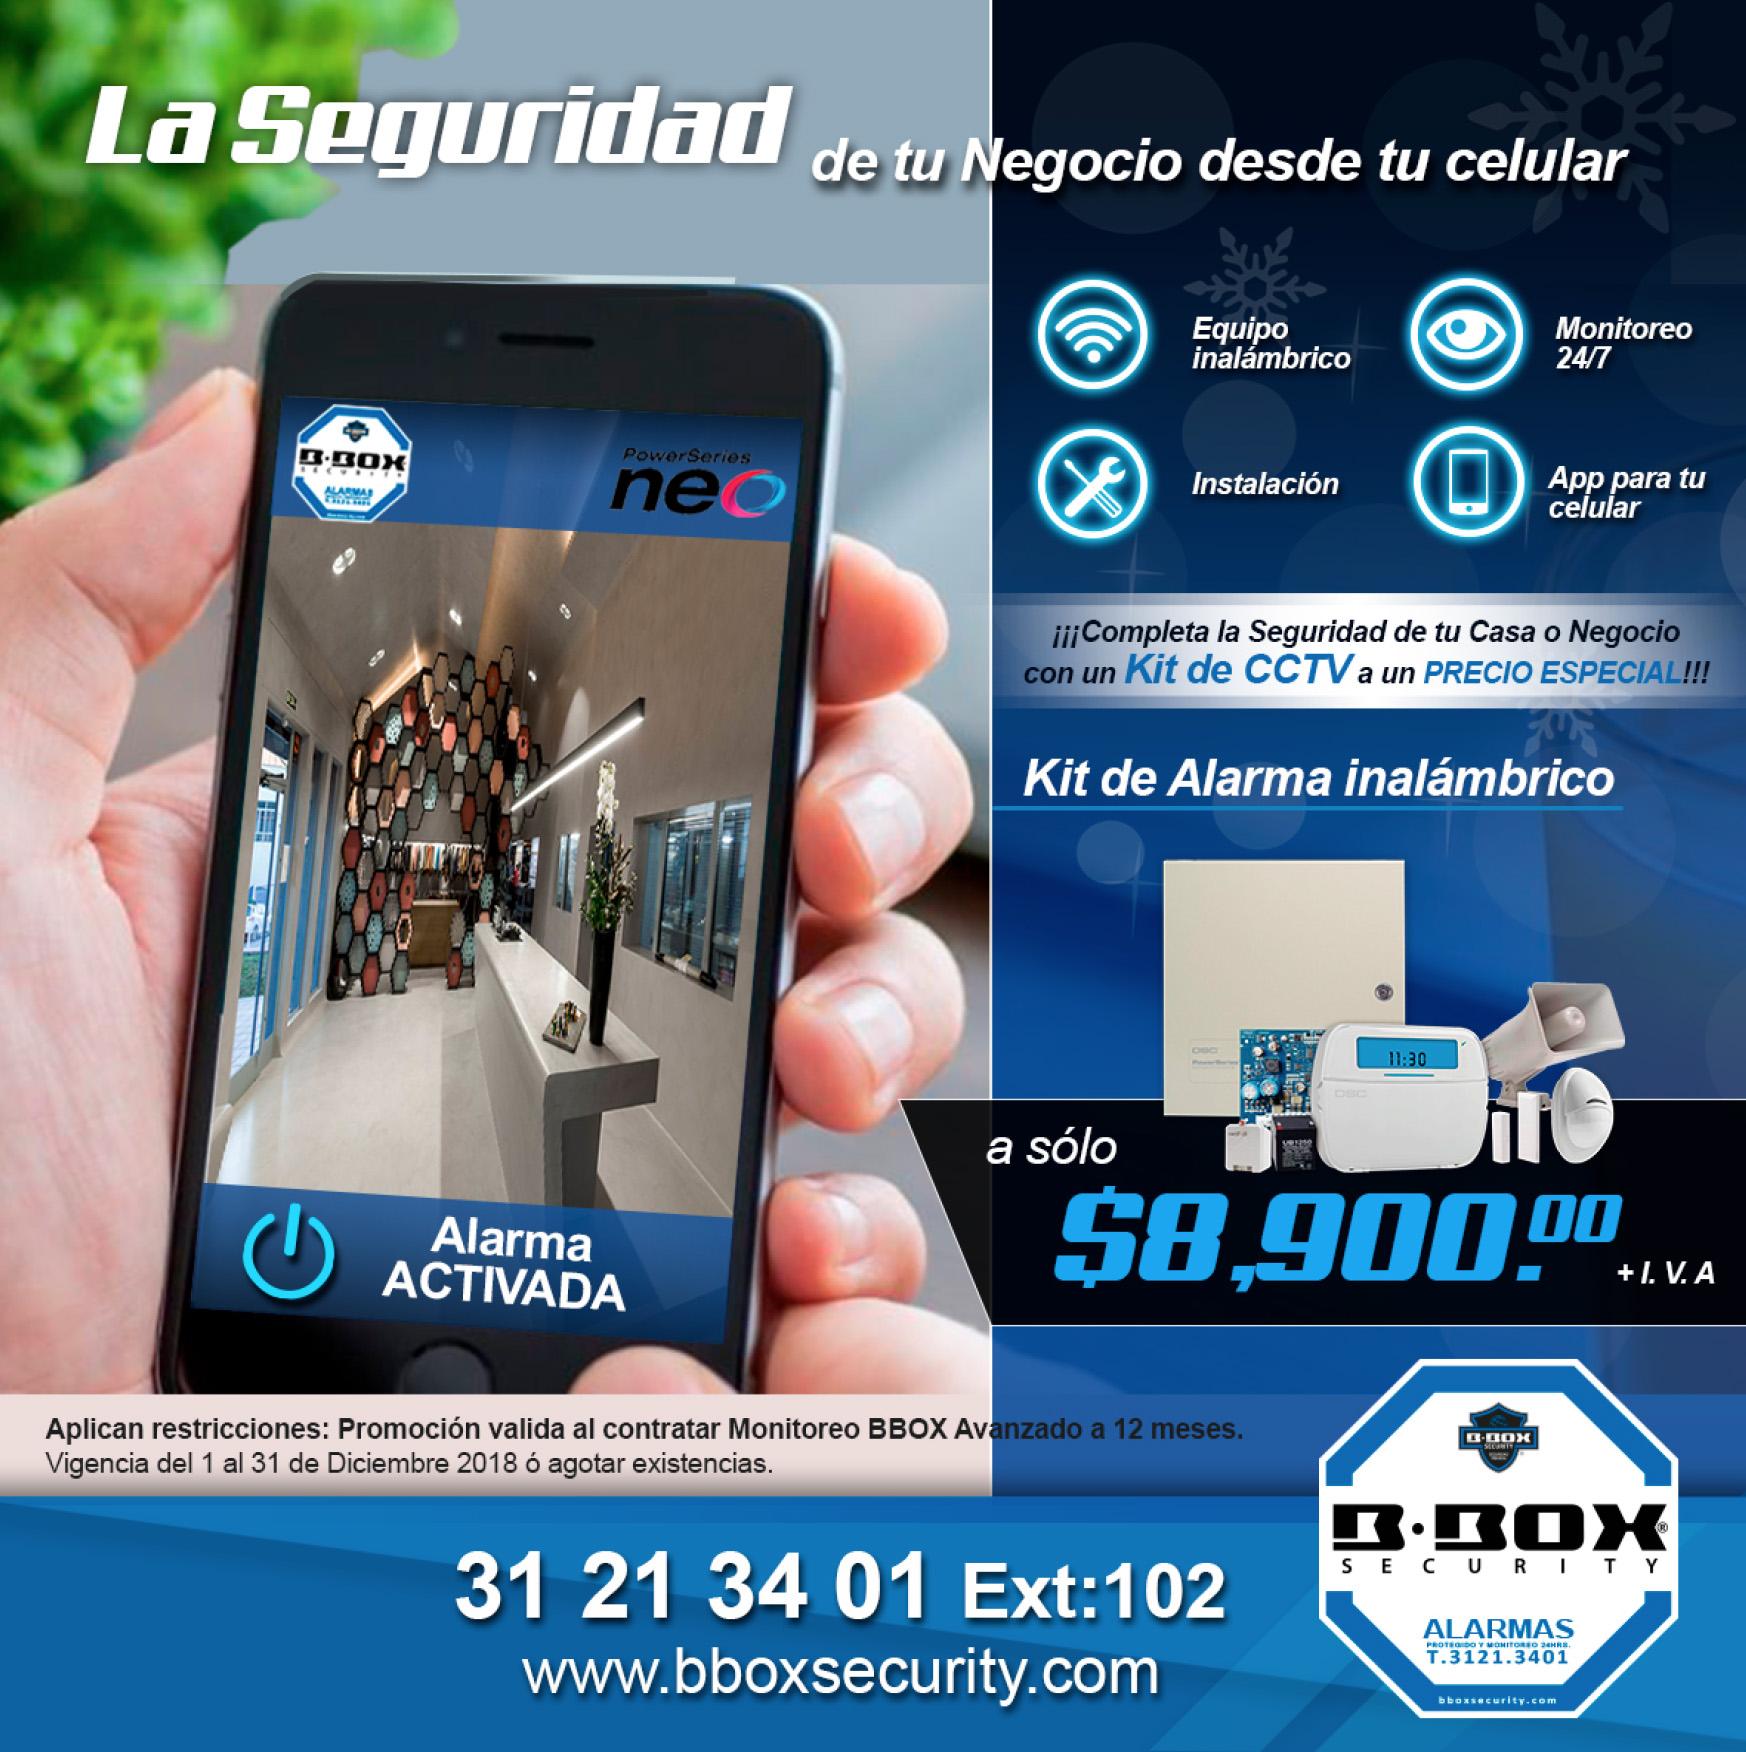 BBOX Security Seguridad monitoreo de alarma promocion kit a - Servicio de Monitoro de Alarma en Guadalajara   BBOX Security